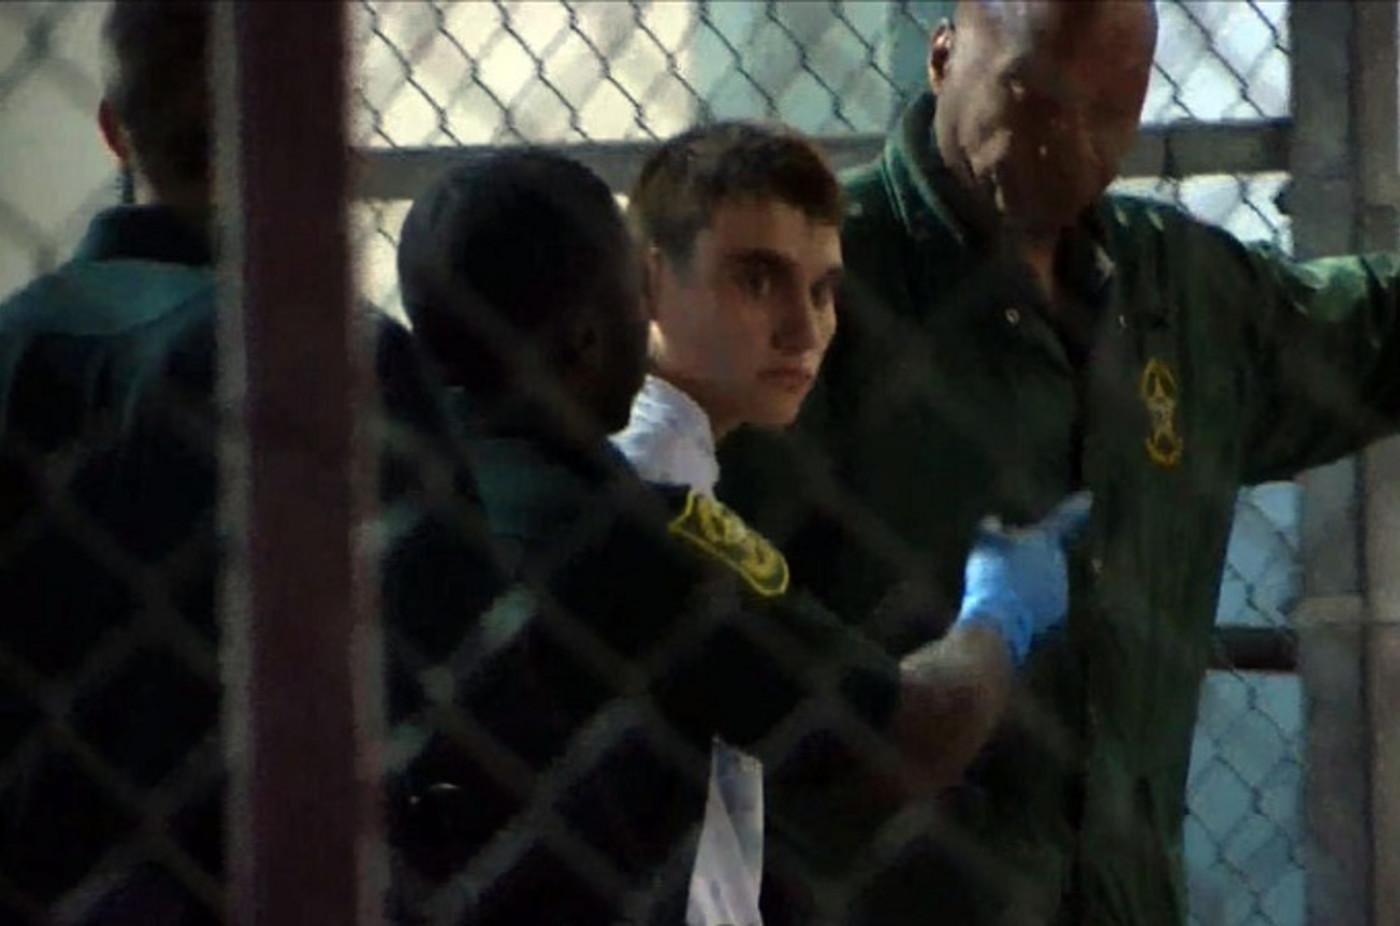 Nikolas Cruz, Florida school shooting suspect